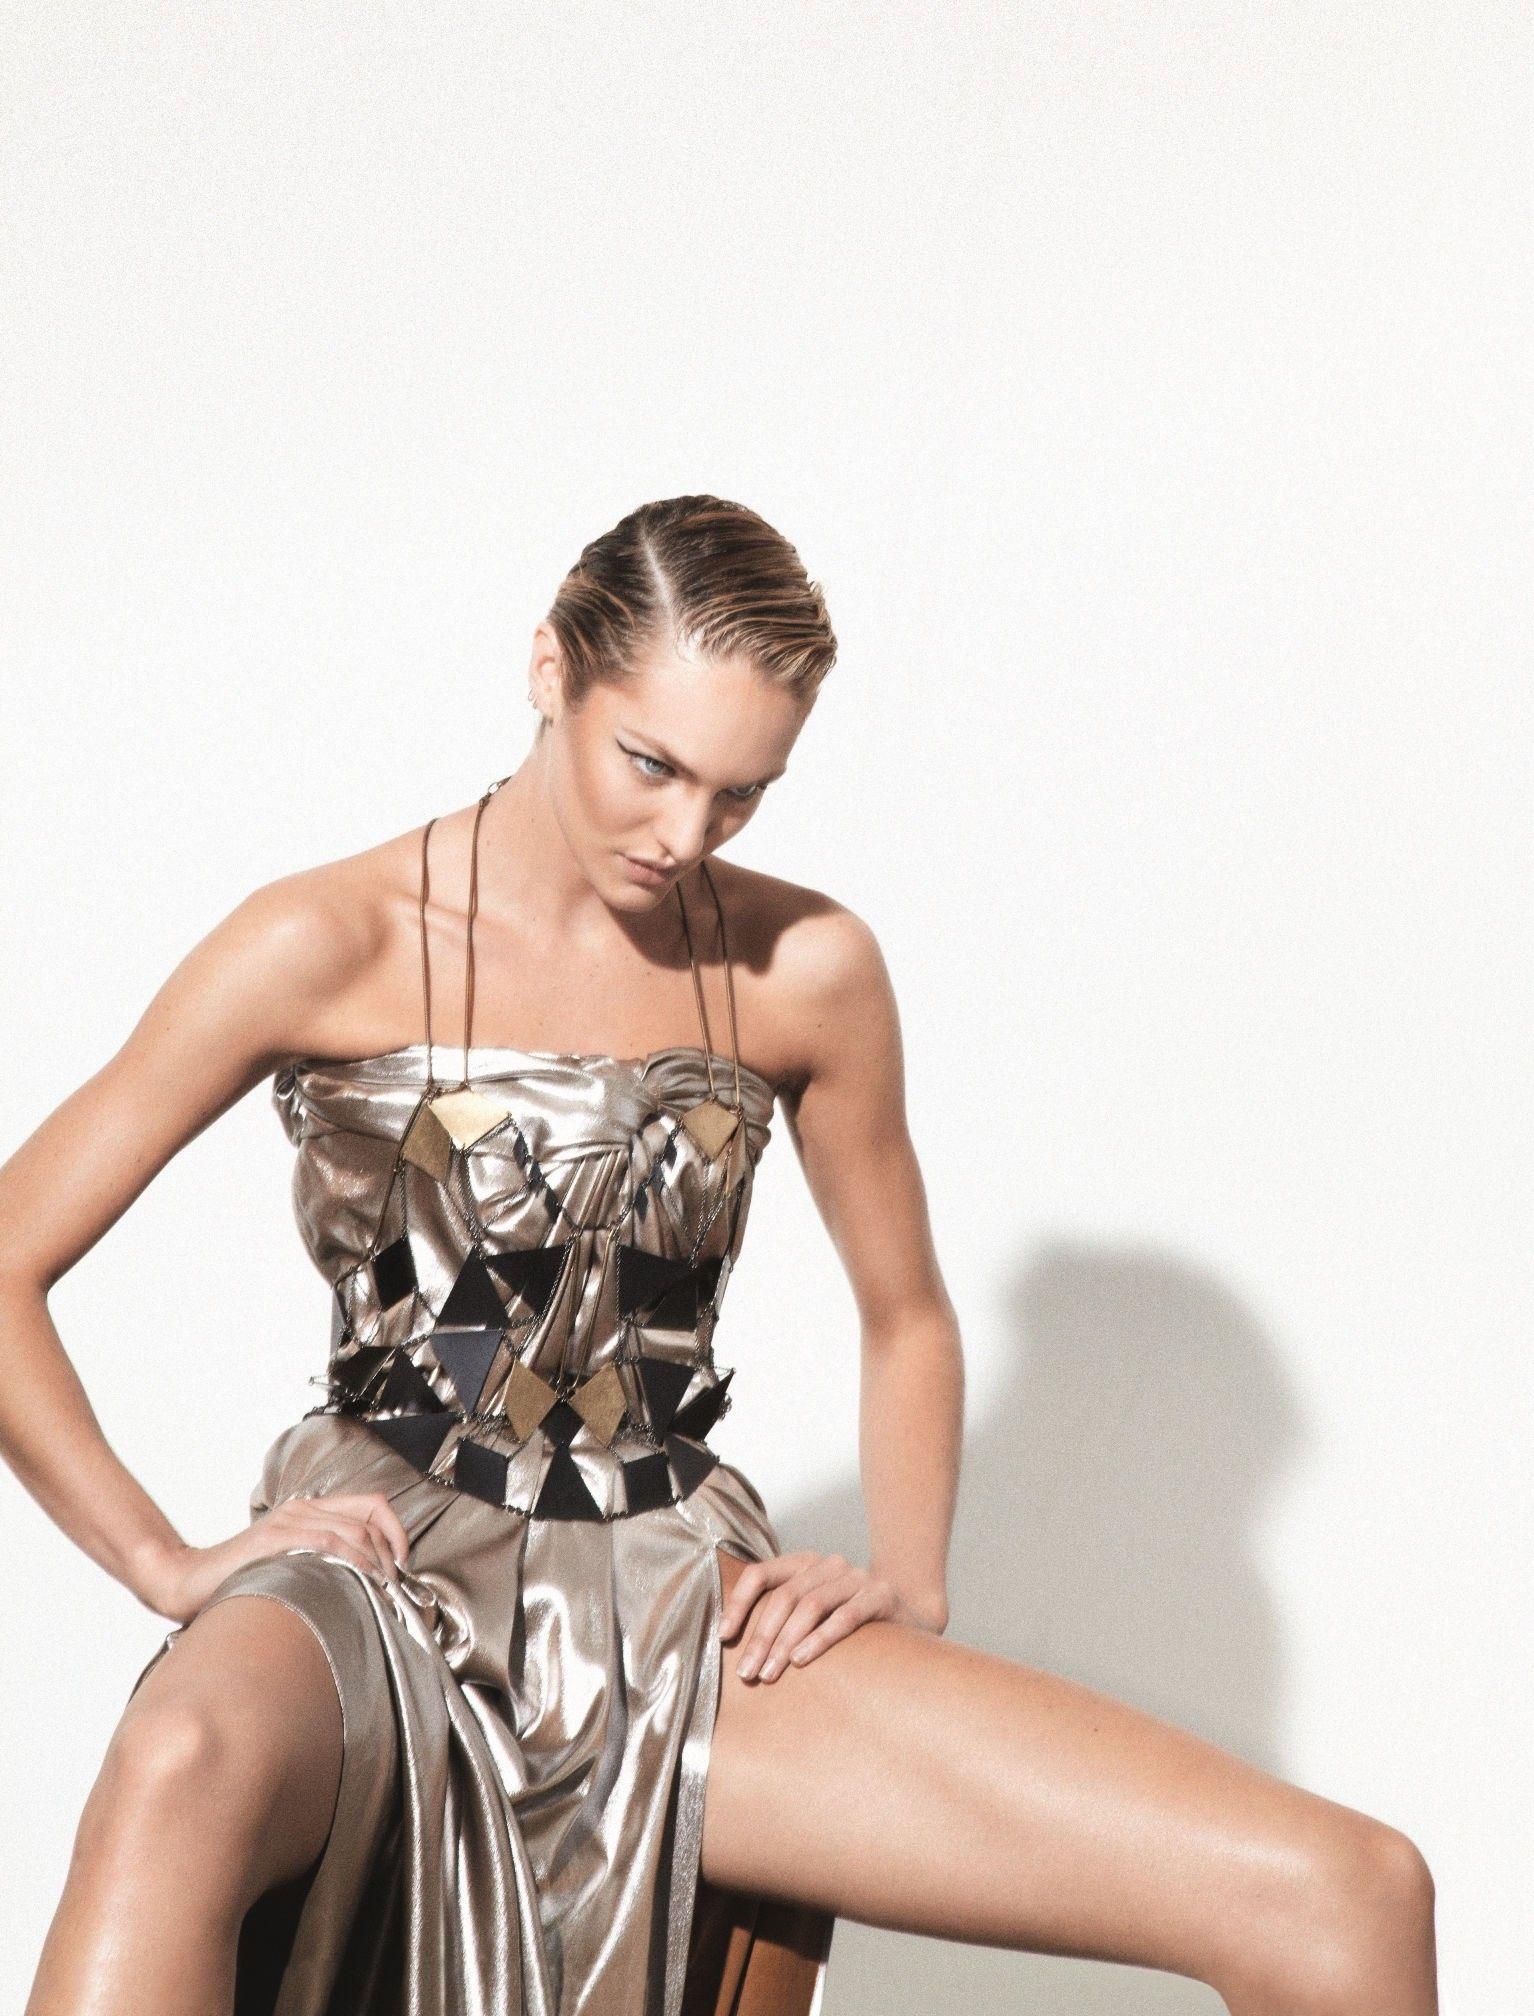 bf35ac6941 Candice Swanepoel – Muse Magazine